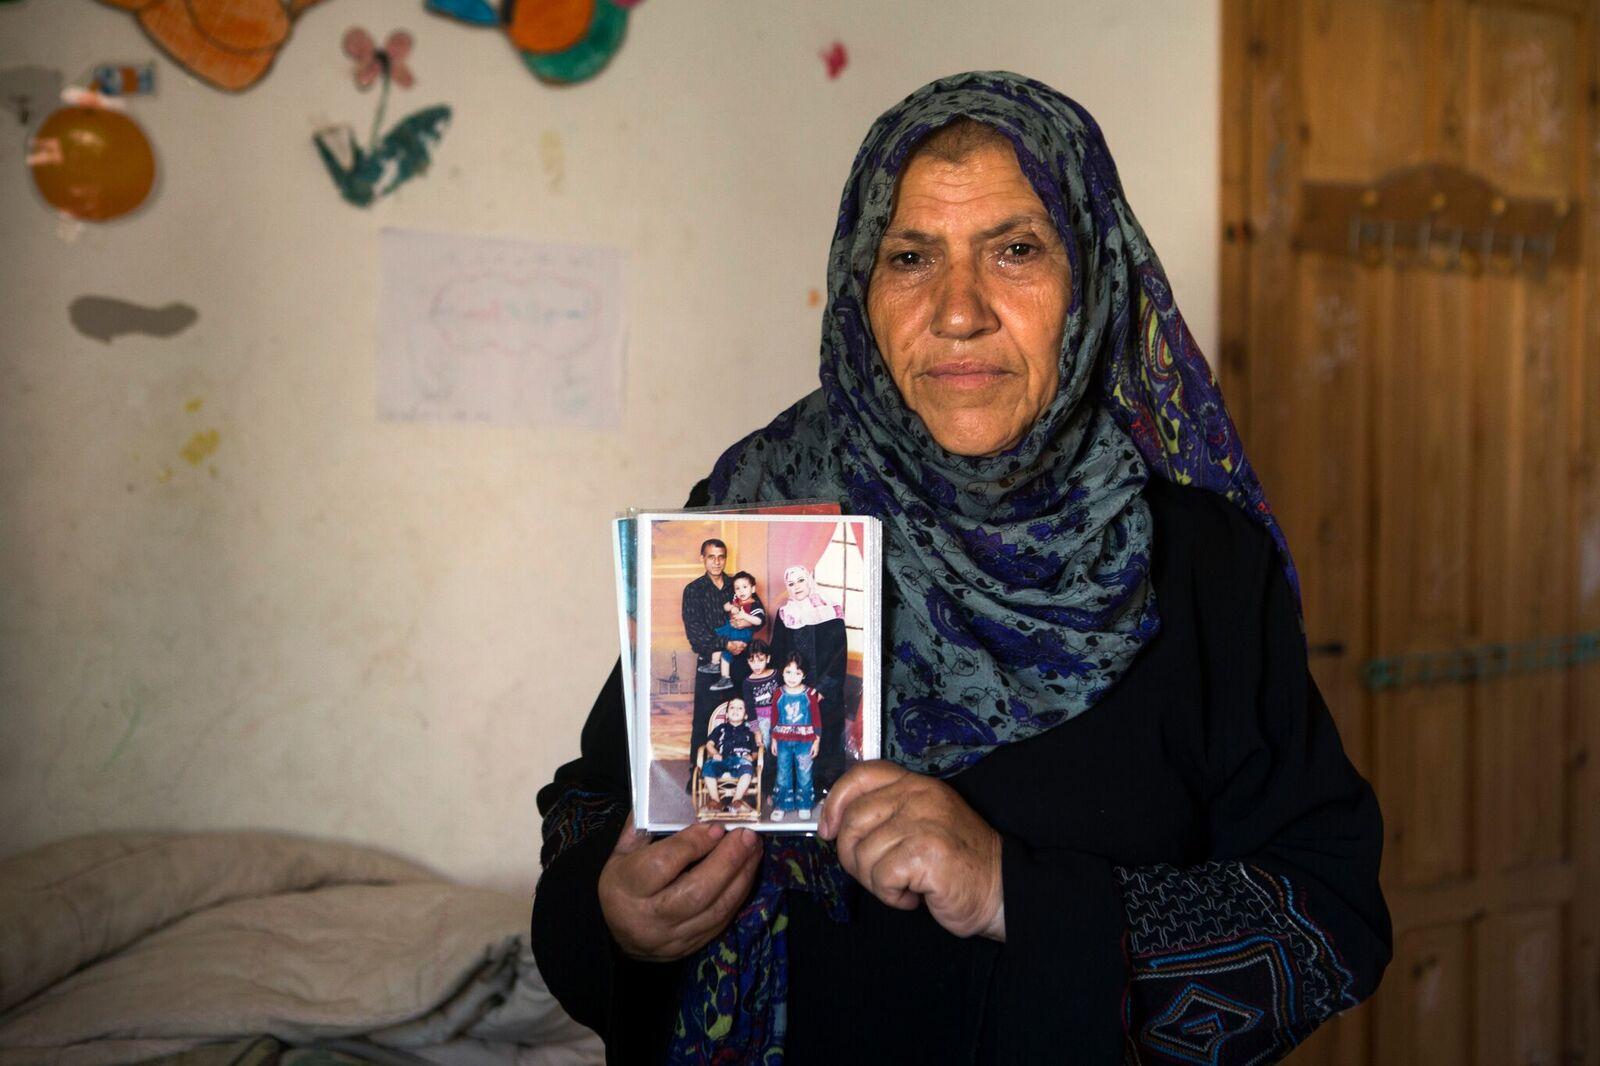 Khadija, Ibrahims Schwester, hält ein Foto ihres Bruders mit seiner Familie.